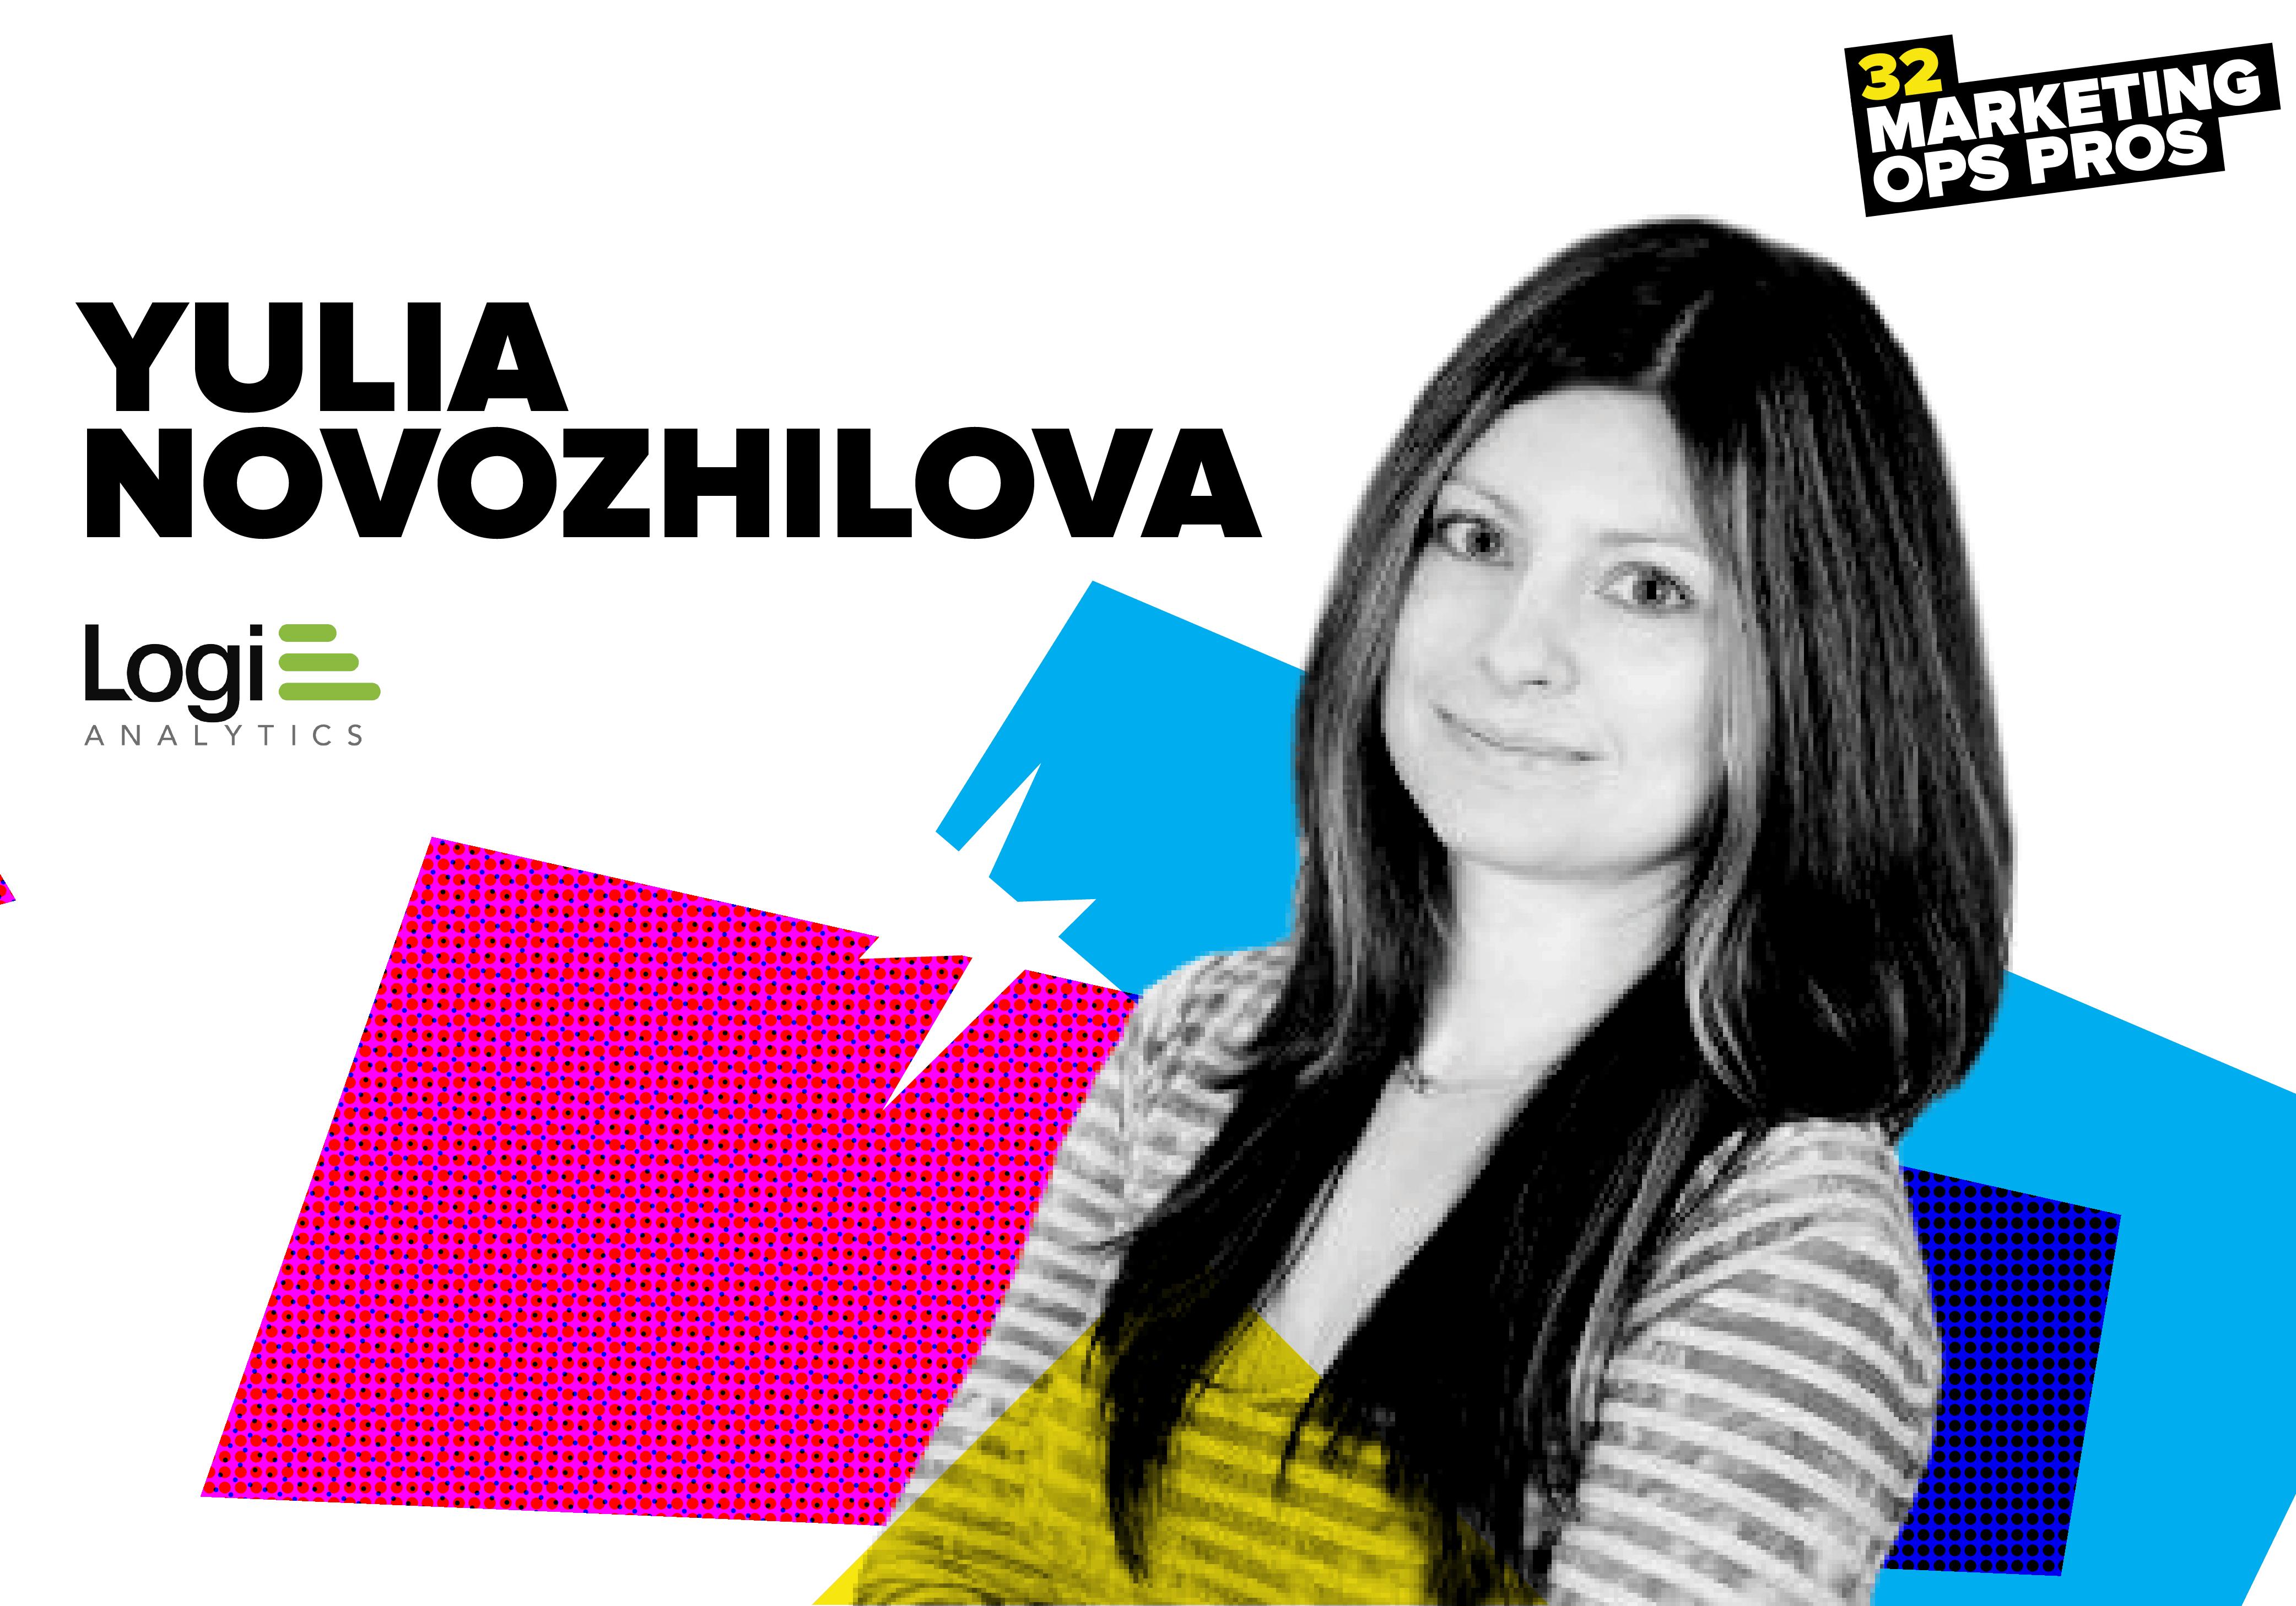 Yulia Novozhilova, Logi Analytics